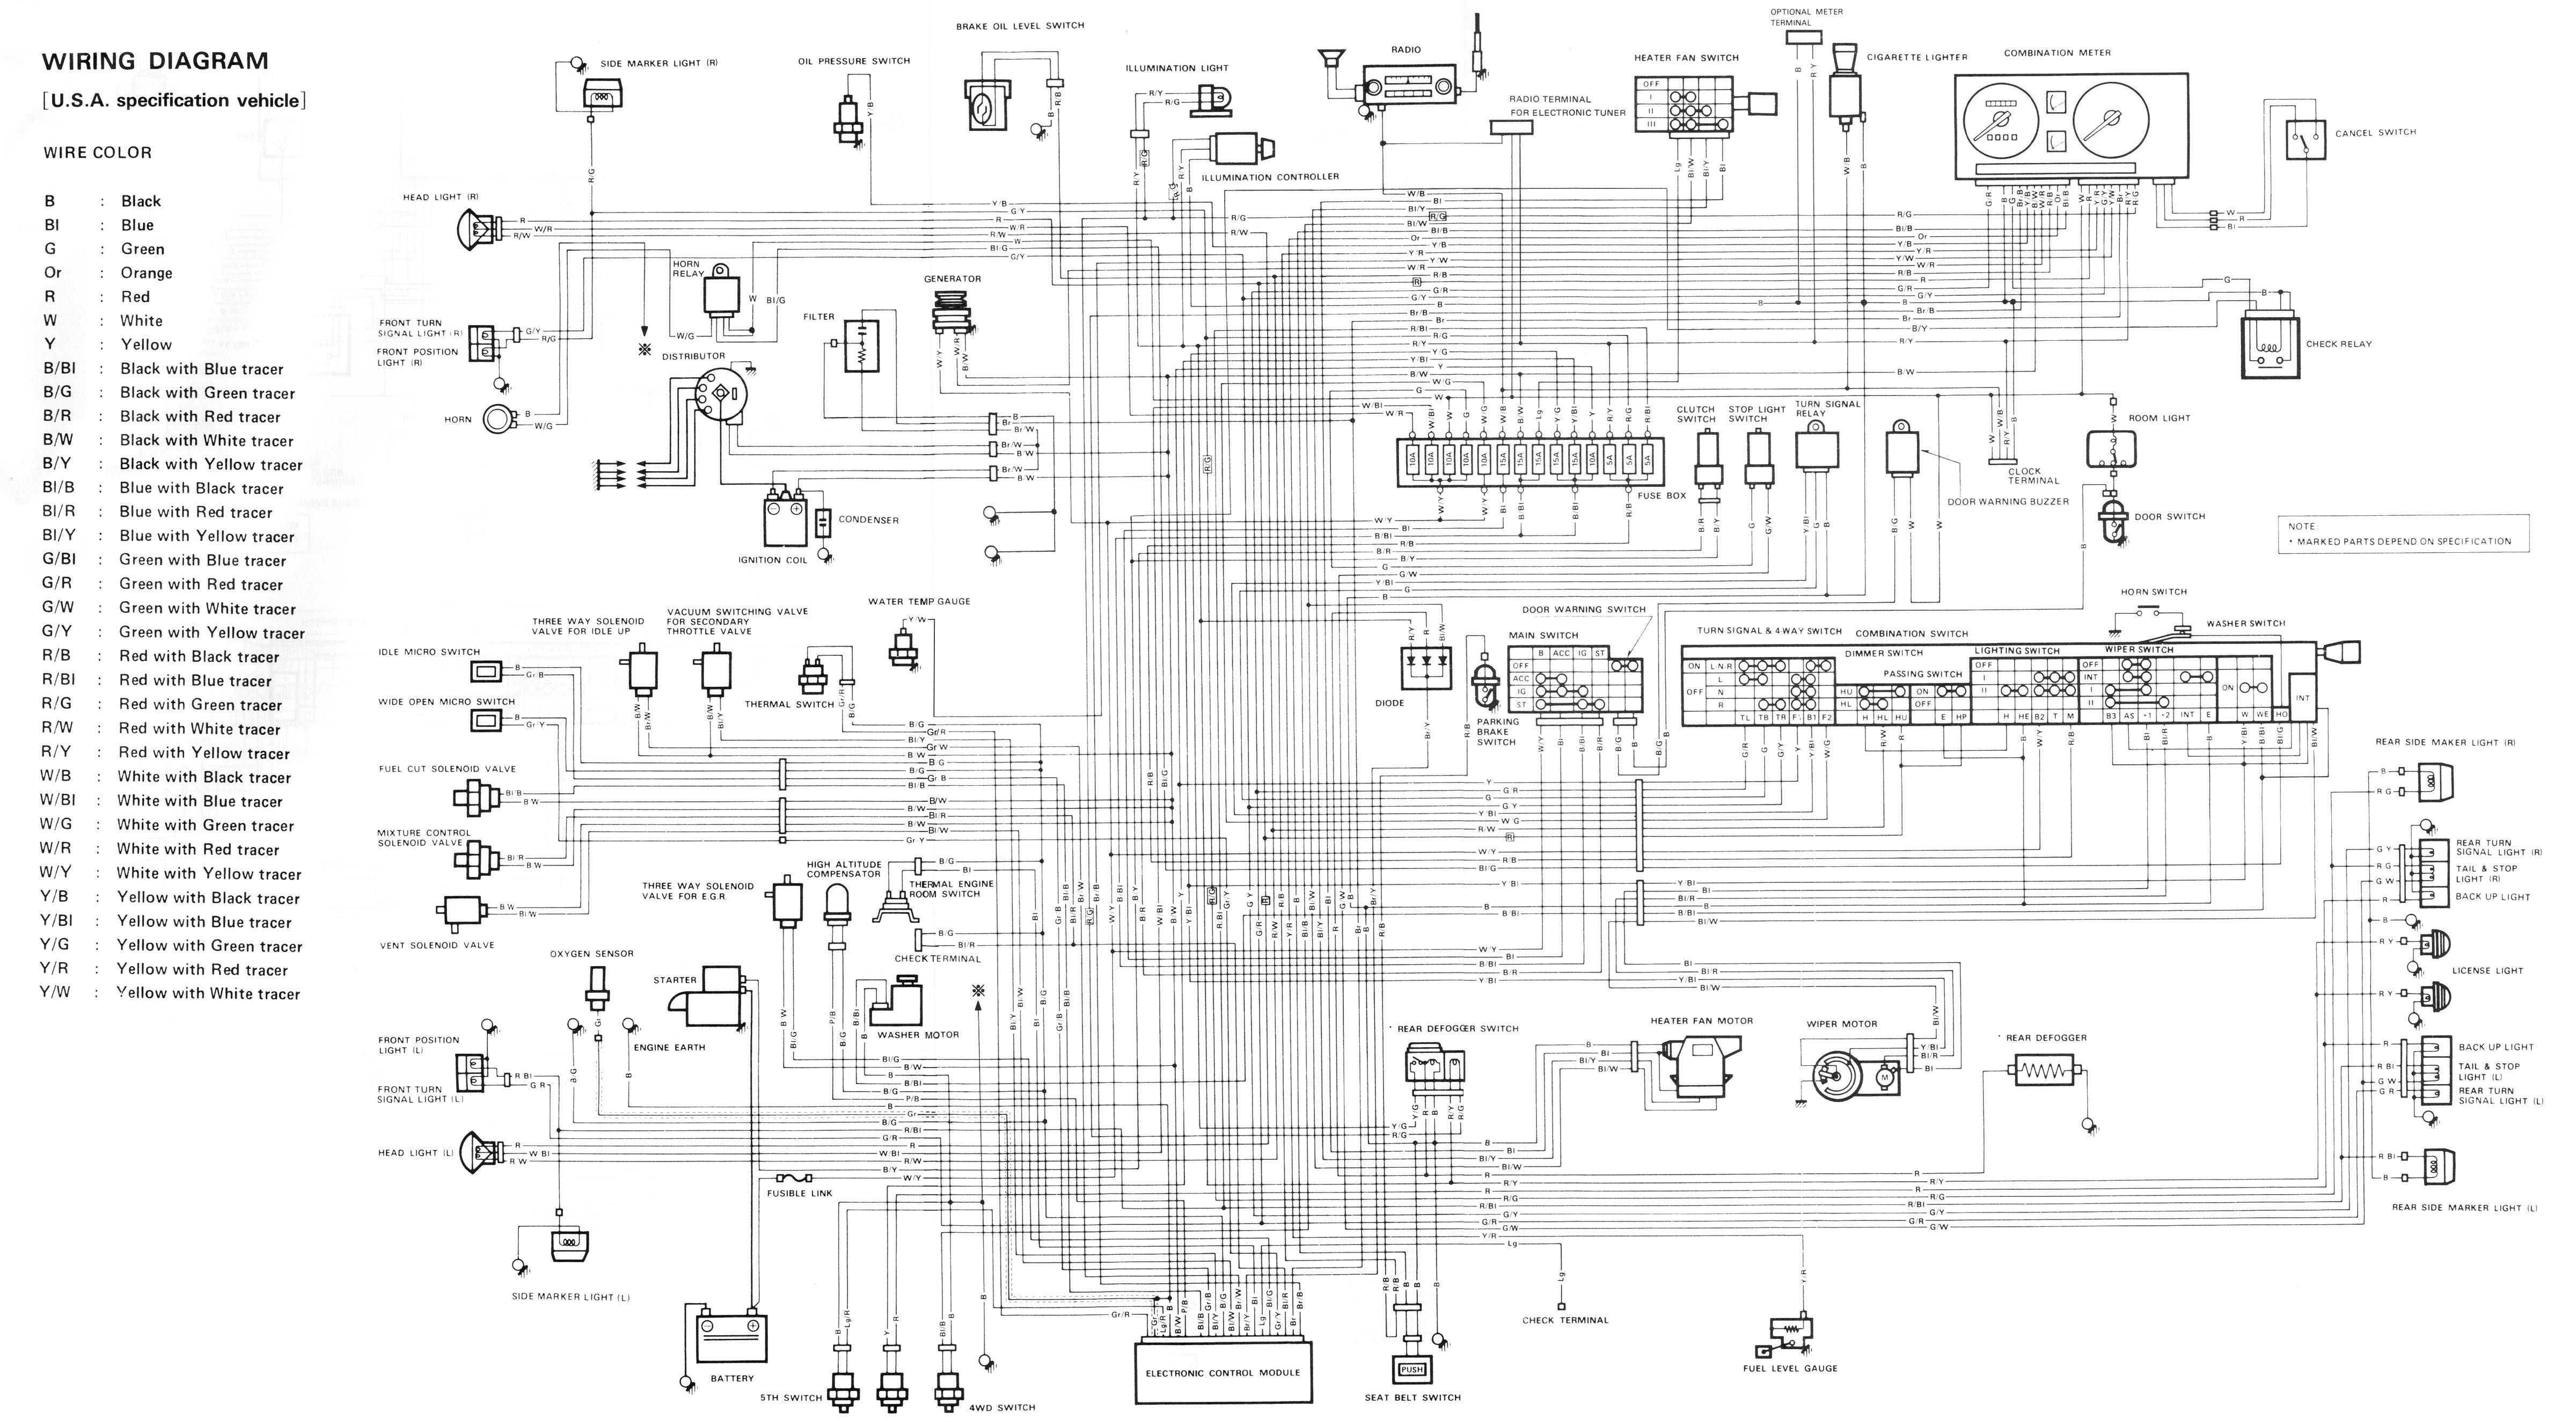 Suzuki Samurai Wiring Schematic 3839 1986 toyota Cressida Wiring Diagram Of Suzuki Samurai Wiring Schematic